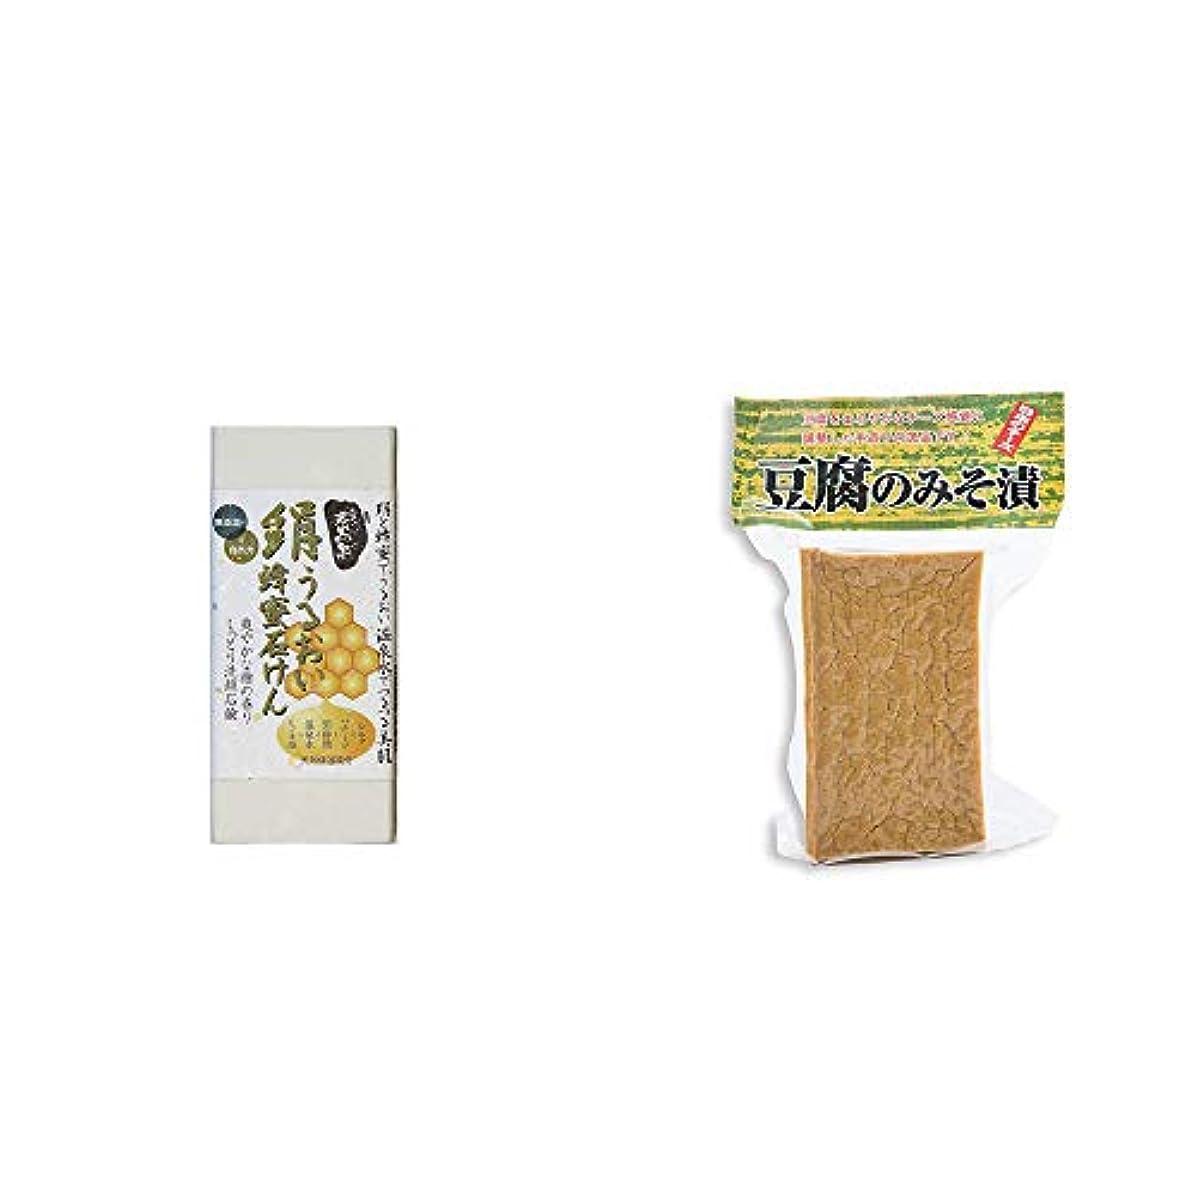 三角形に頼る迷信[2点セット] ひのき炭黒泉 絹うるおい蜂蜜石けん(75g×2)?日本のチーズ 豆腐のみそ漬(1個入)